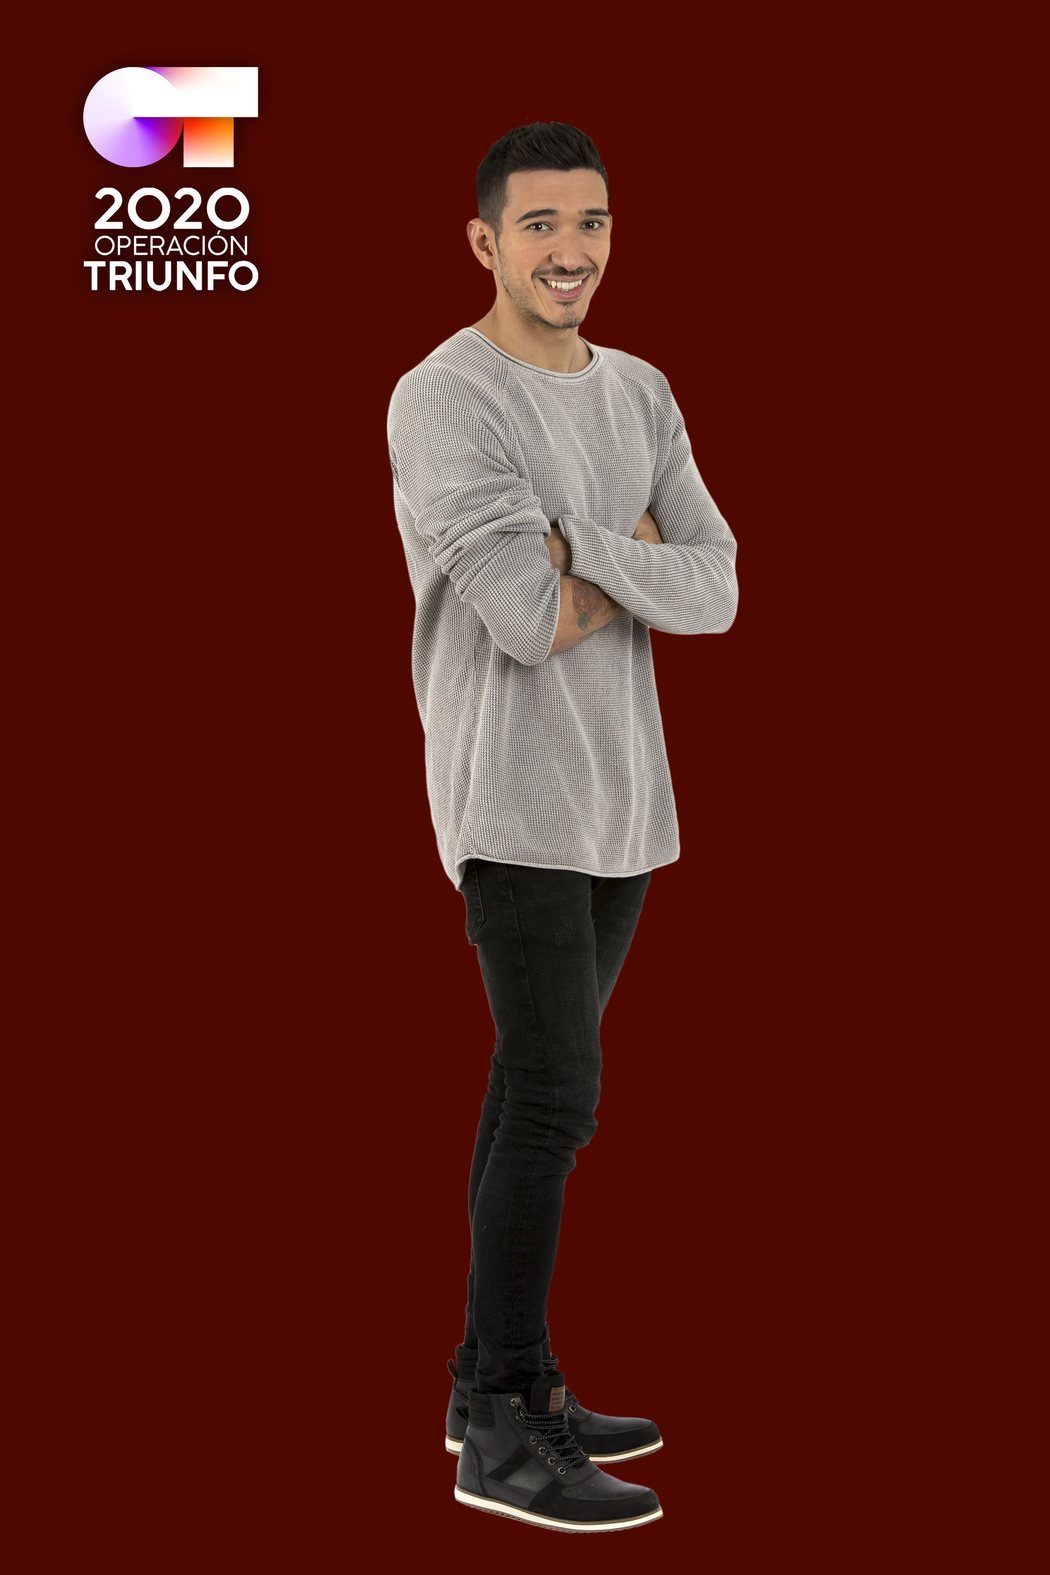 Posado de Bruno Carrasco, concursante de 'OT 2020'